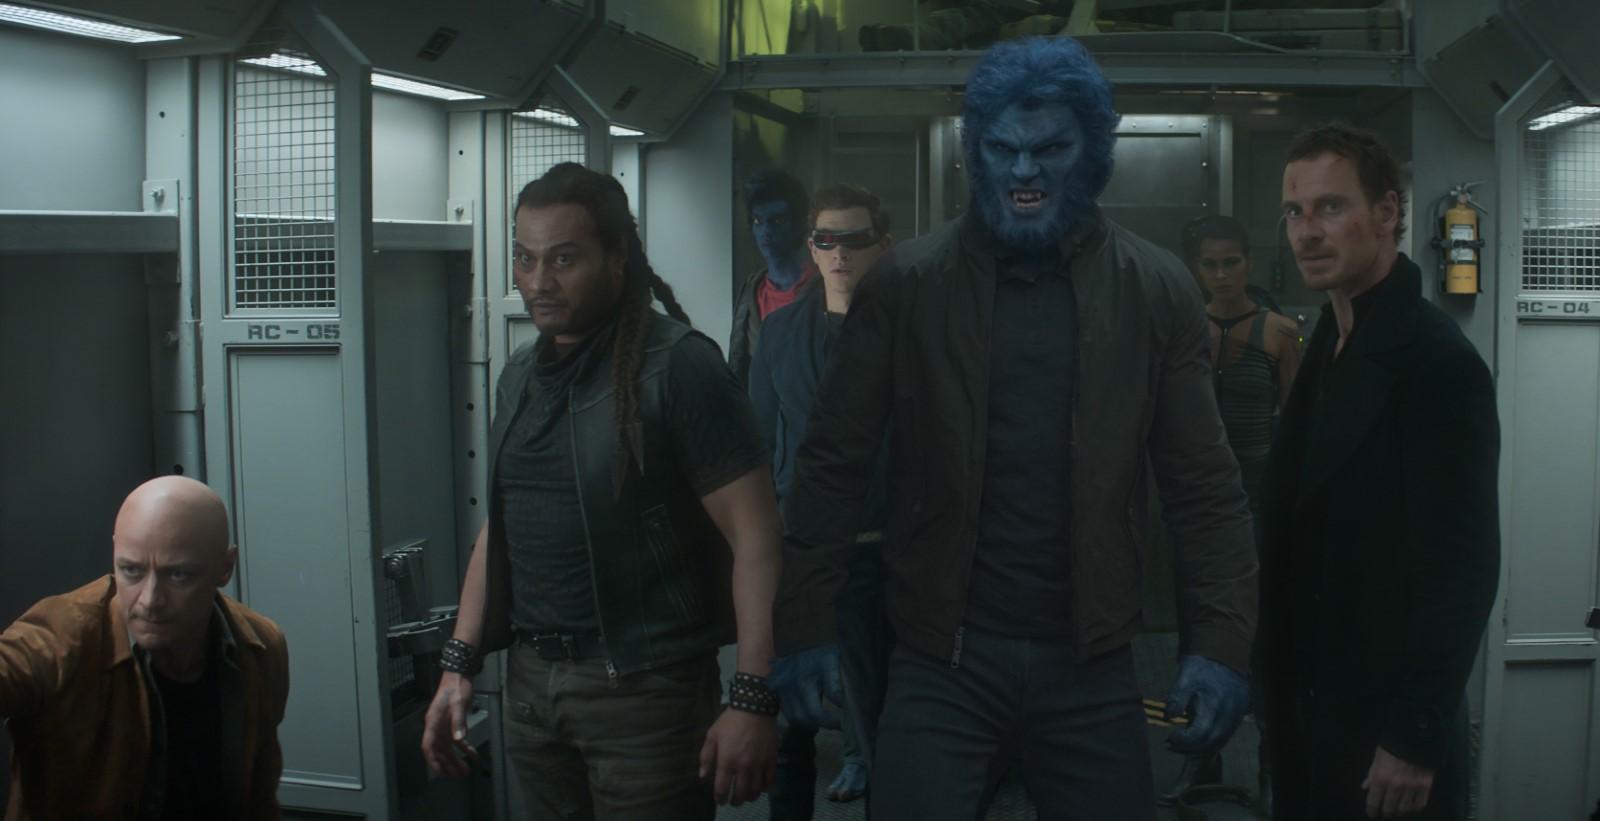 Après X-Men First Class, la Fox prévoyait un crossover avec Daredevil, Deadpool, les X-Men et les Fantastic Four